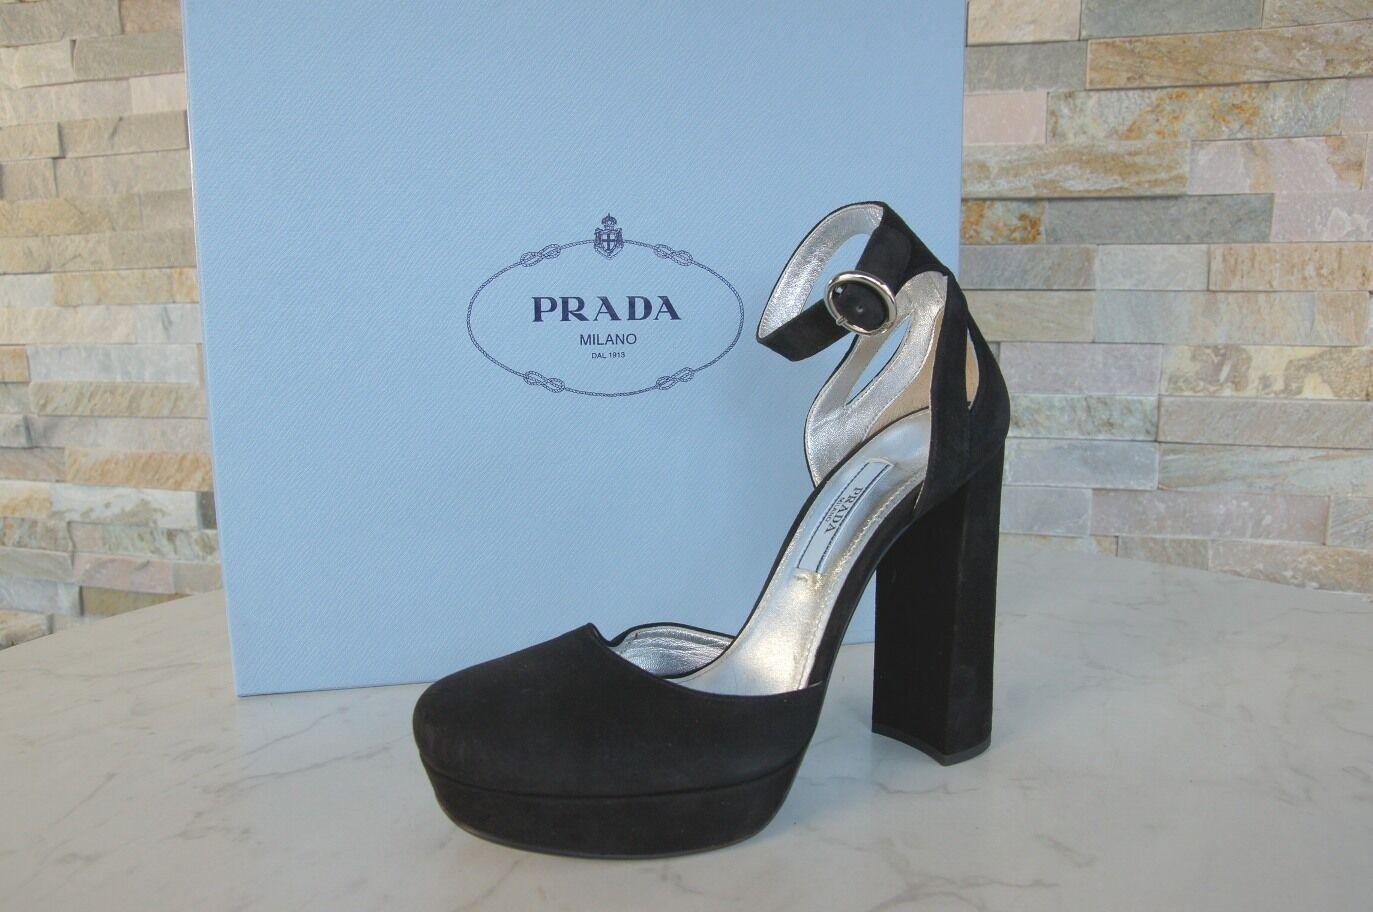 Prada Sz. 40 Platform Pumps Evening shoes High Heels shoes Black New Previously